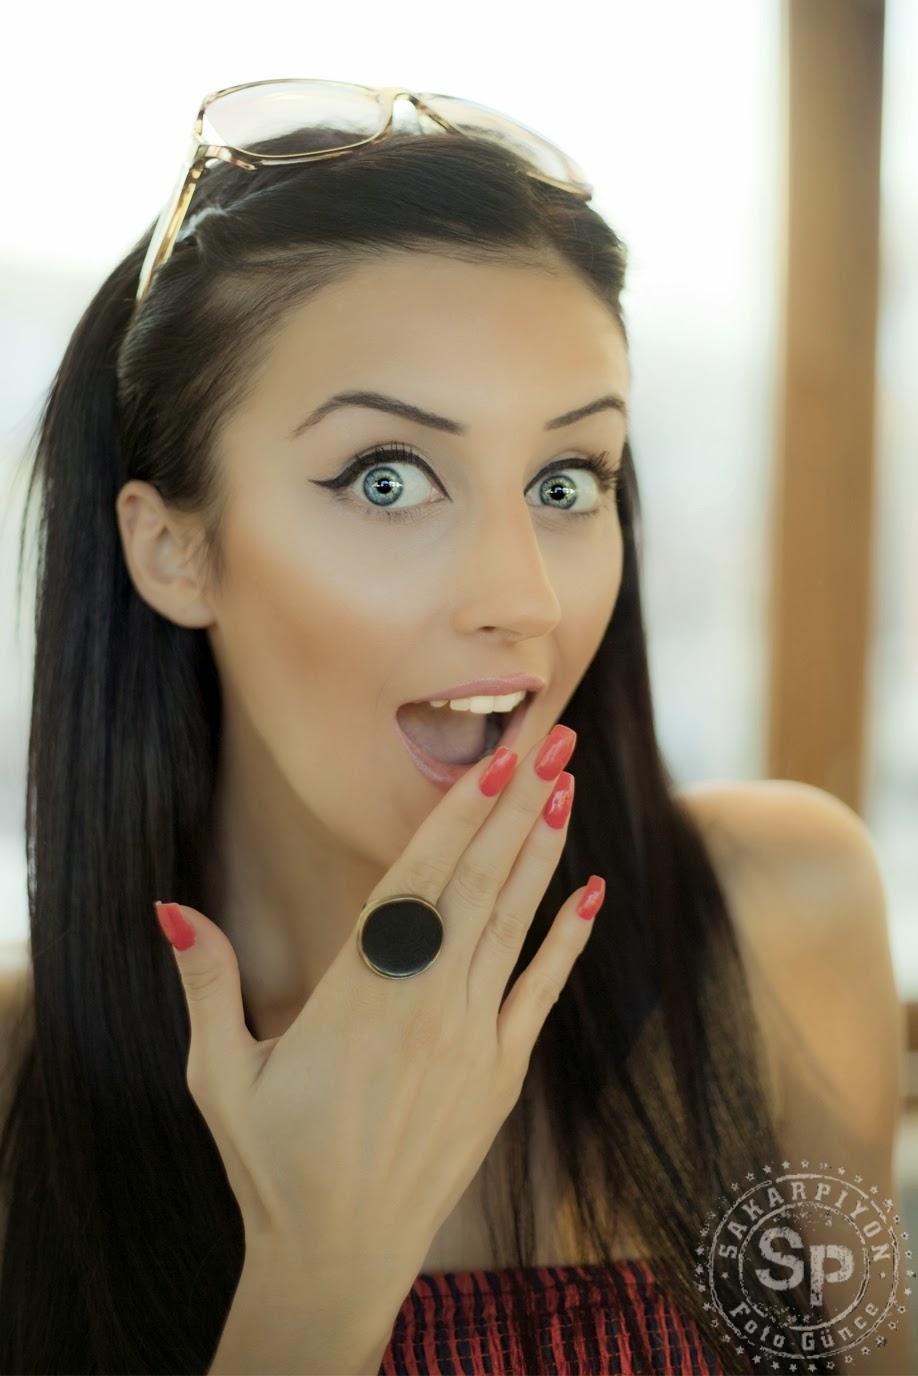 Şaşkın, Hayret, Mimik, Yüz, İfadeli Kız Fotoğrafı